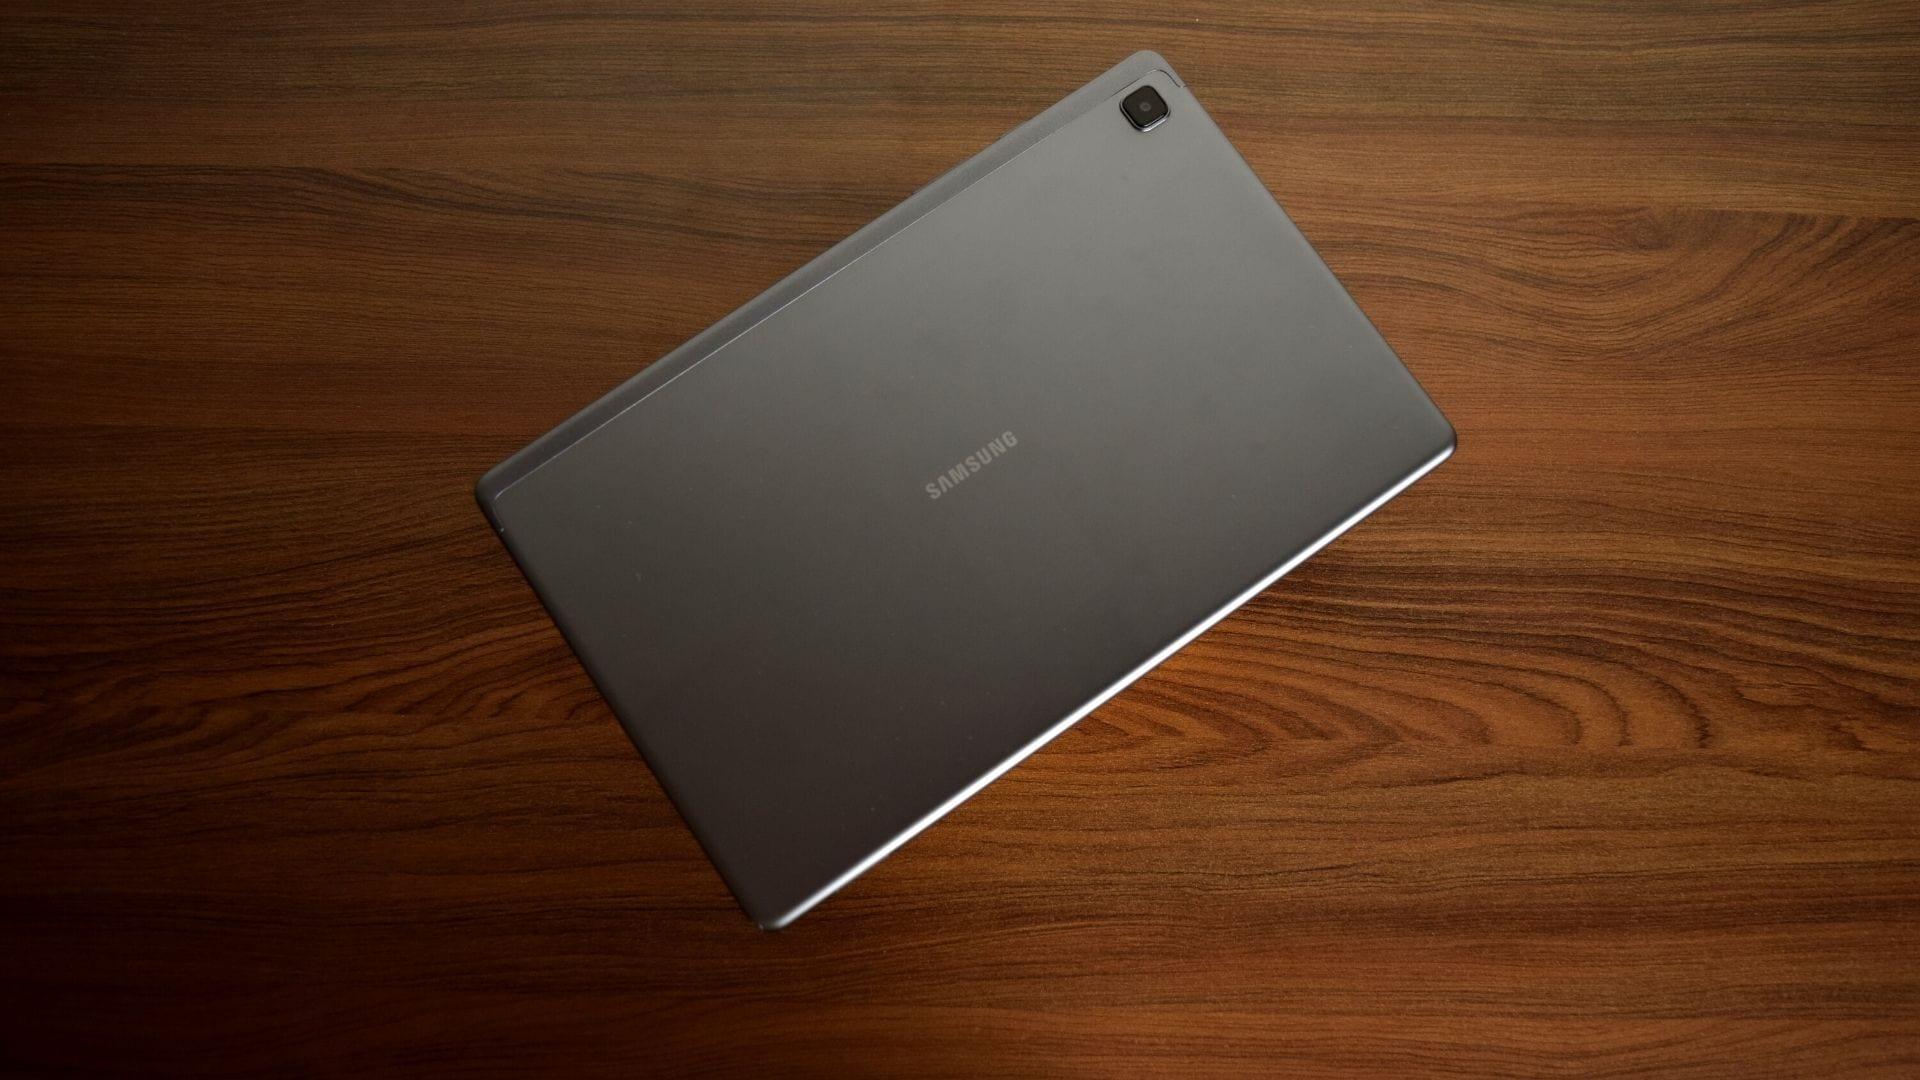 Samsung Galaxy Tab A7 in gray.